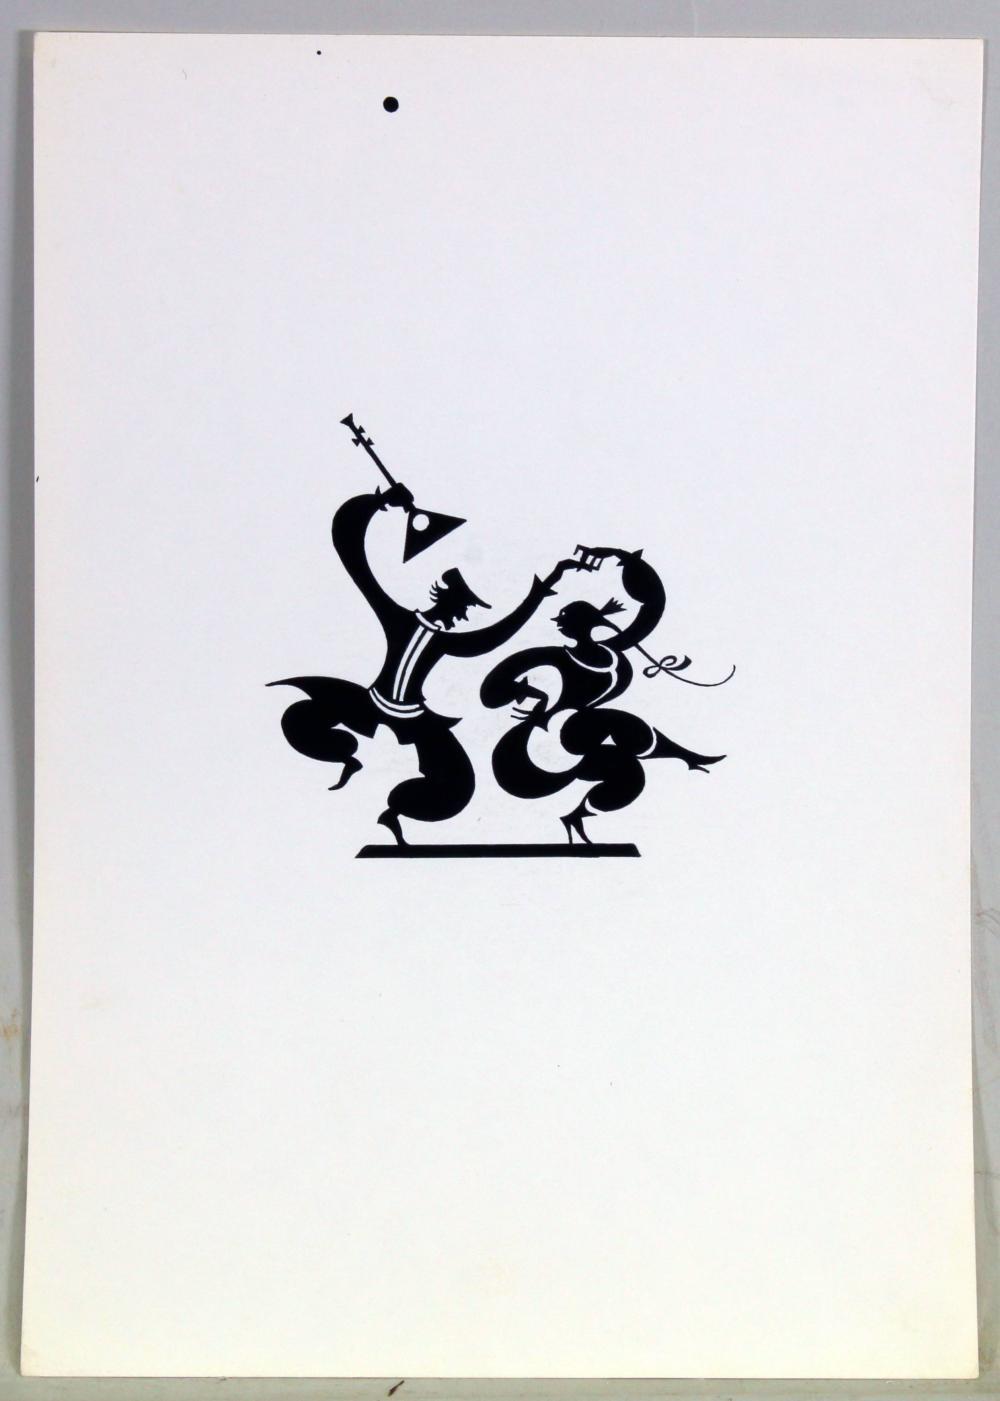 Engert, Ernst Moritz (Yokohama 1892 - 1986 Lich, künstlerische Ausbildung in München, später in Bonn tätiger Sihouettenschneider und Grafiker, dem Kreis der Rheinischen Expressionisten zugehörig),